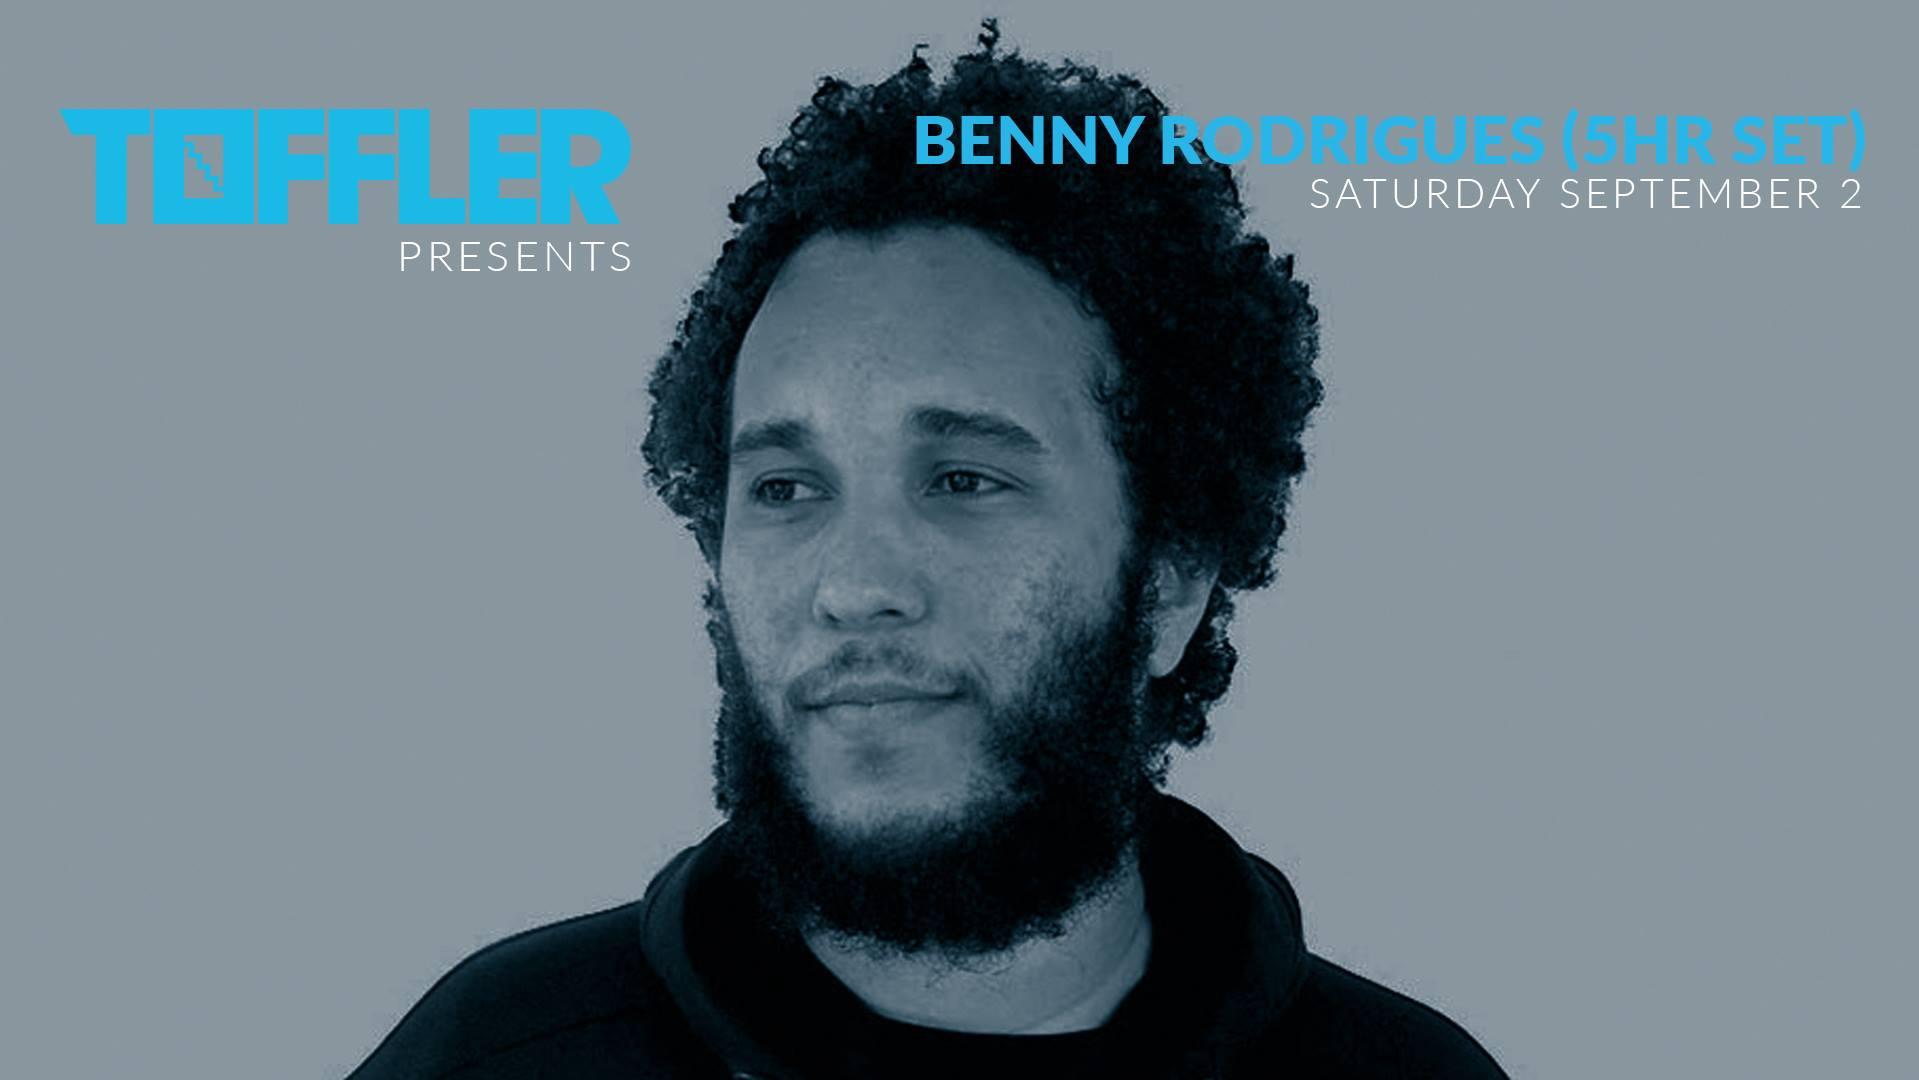 Toffler presents Benny Rodrigues